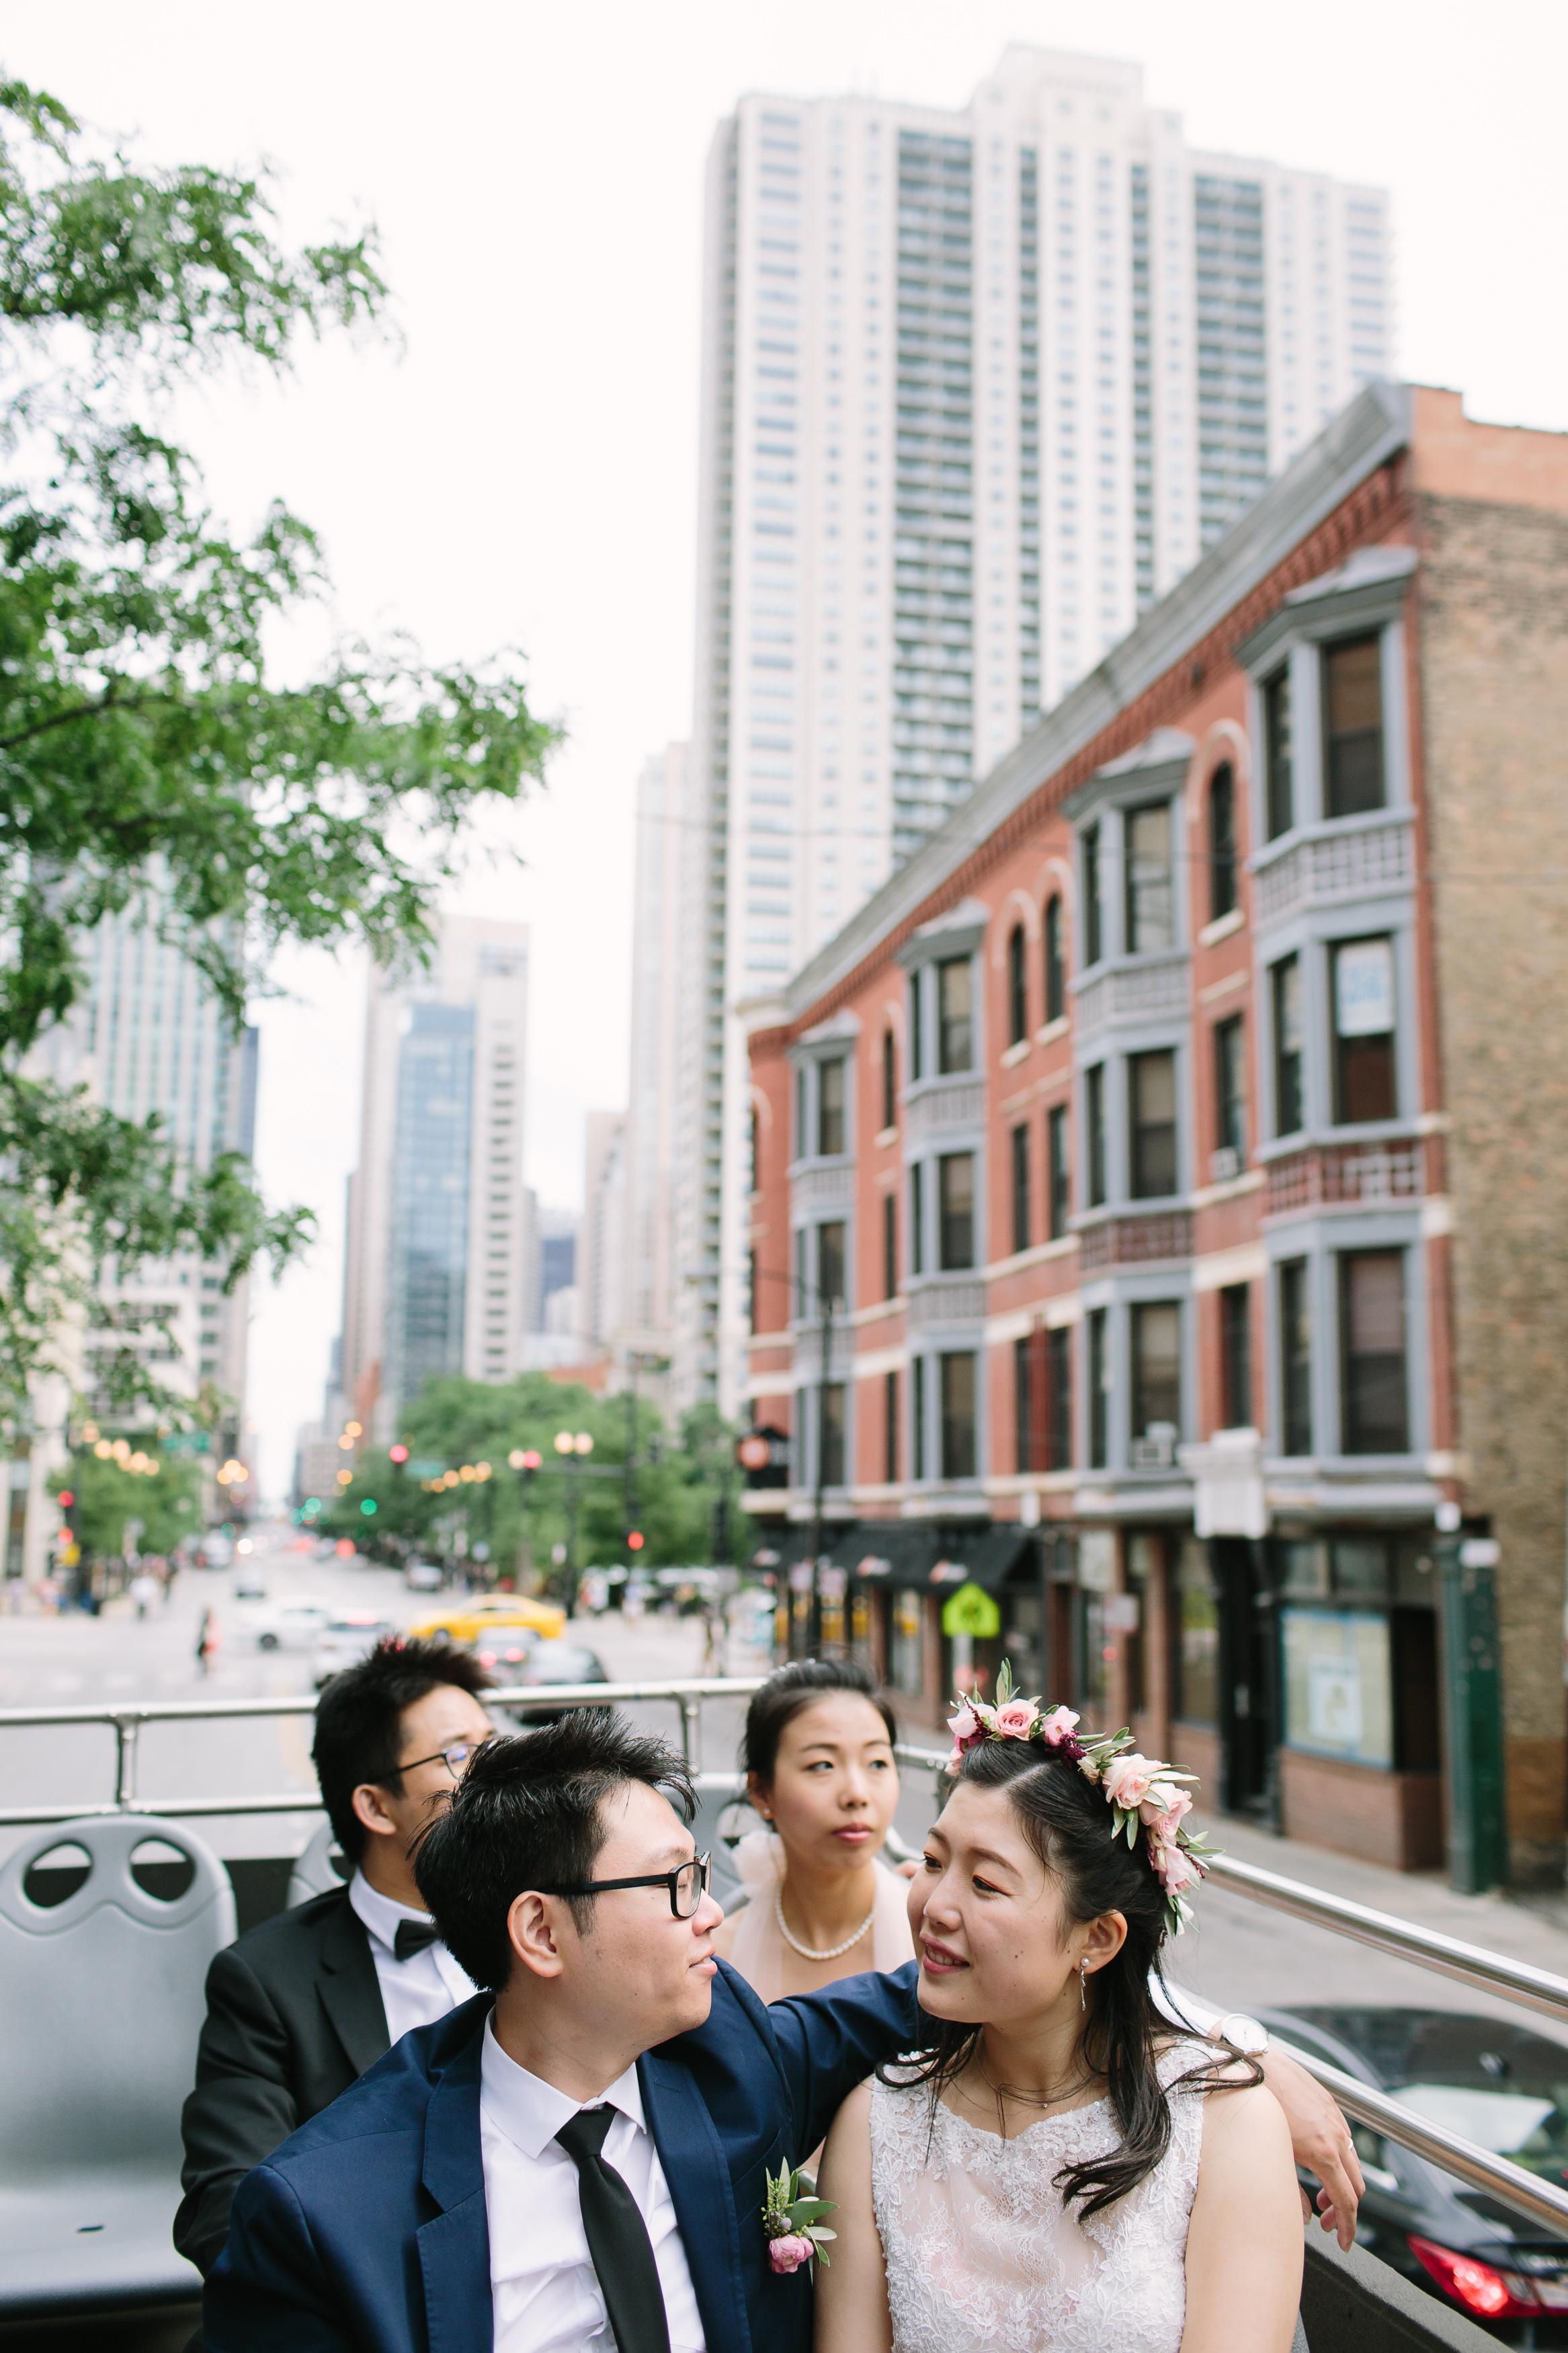 Nicodem Creative-Wang Wedding-Public Hotel Chicago-29.jpg